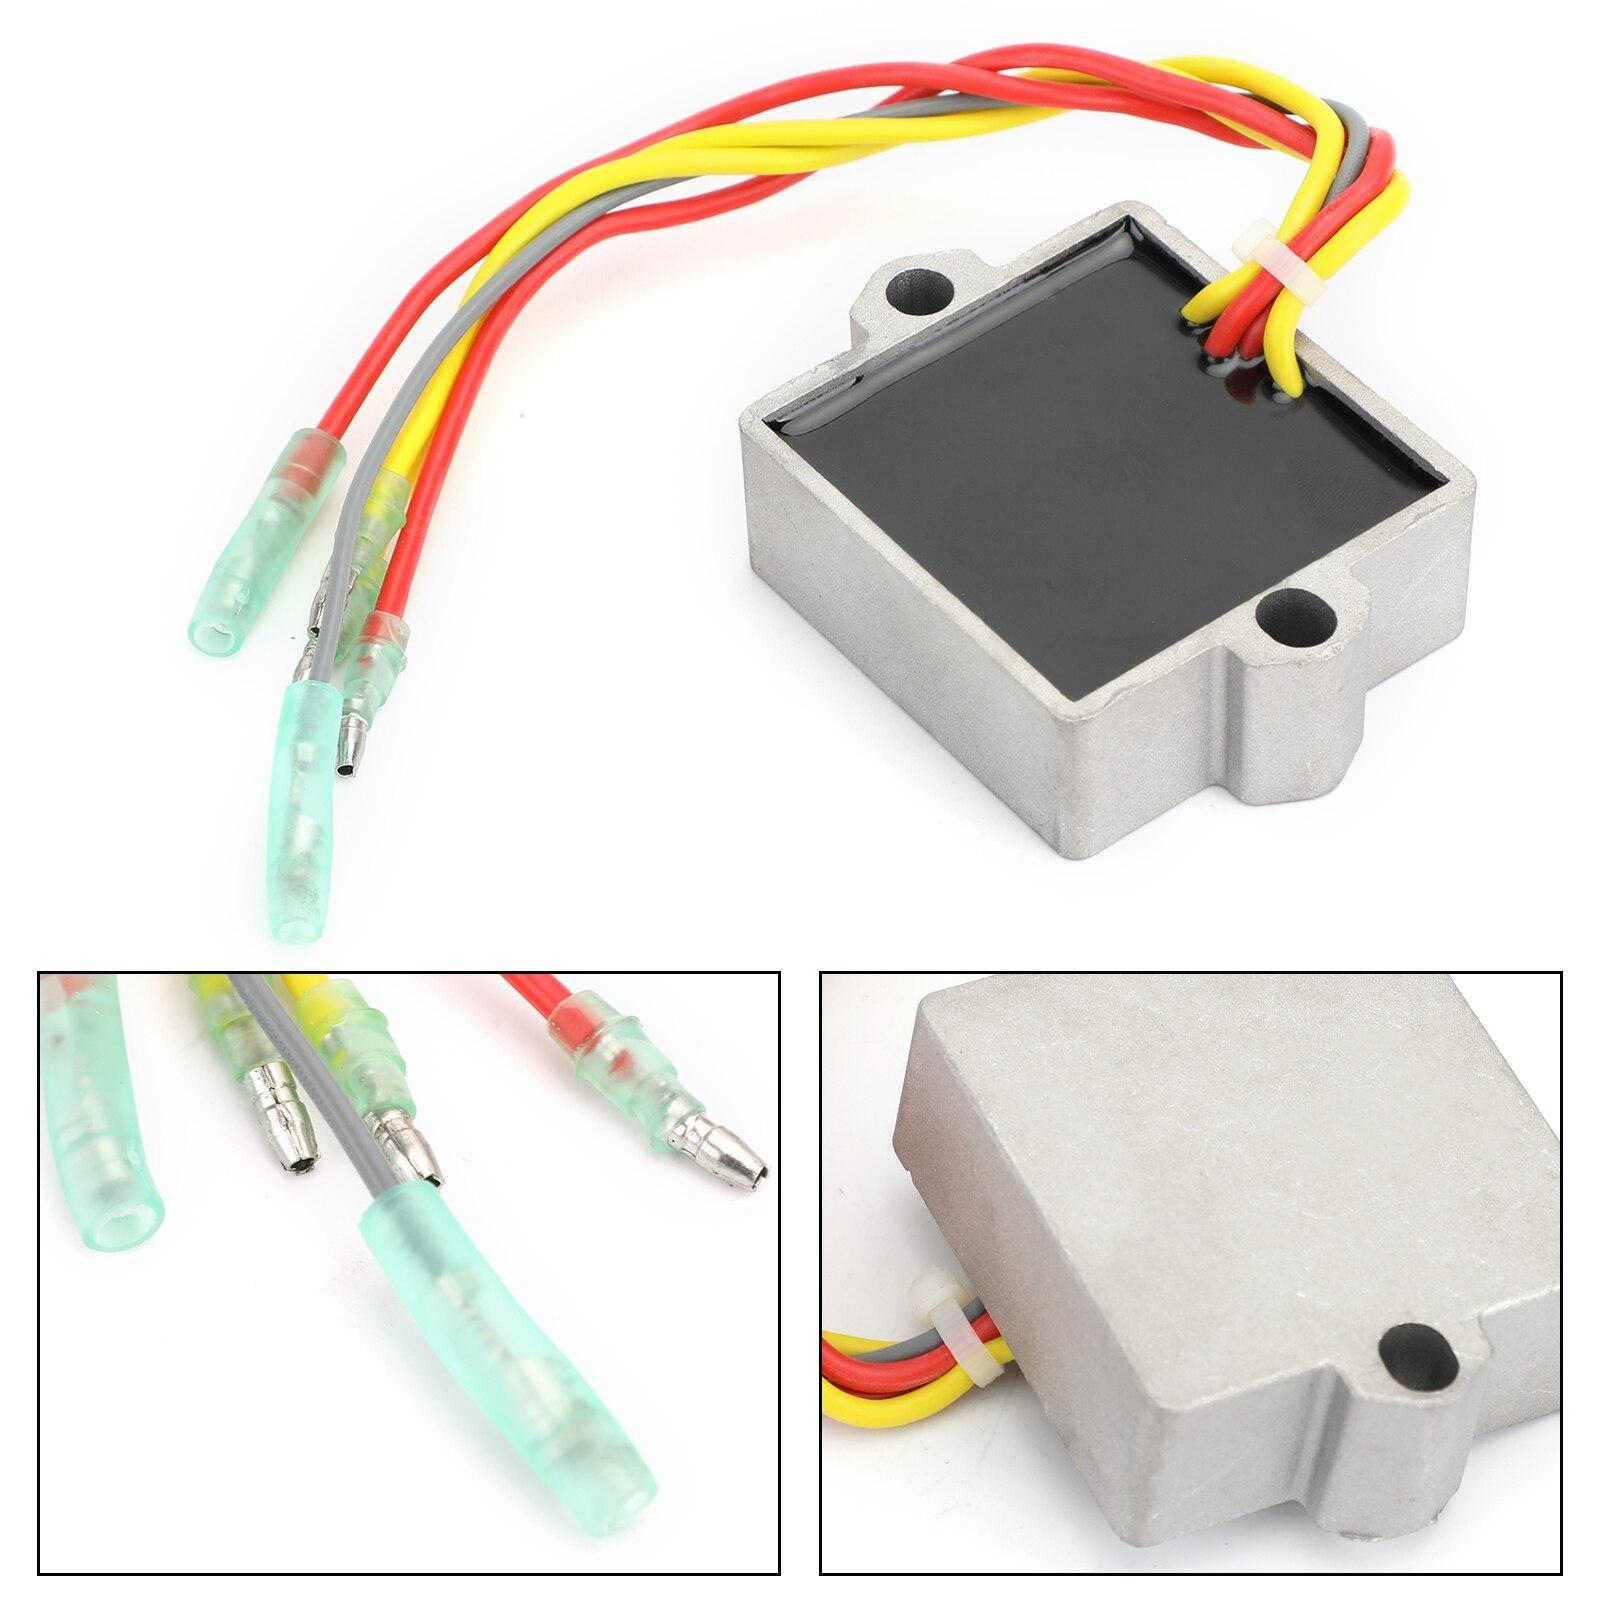 Nuevo regulador rectificador de 5 cables Artudatech para Mariner Mercury-Mariner fueraborda 883072T2 830179T 815279-5